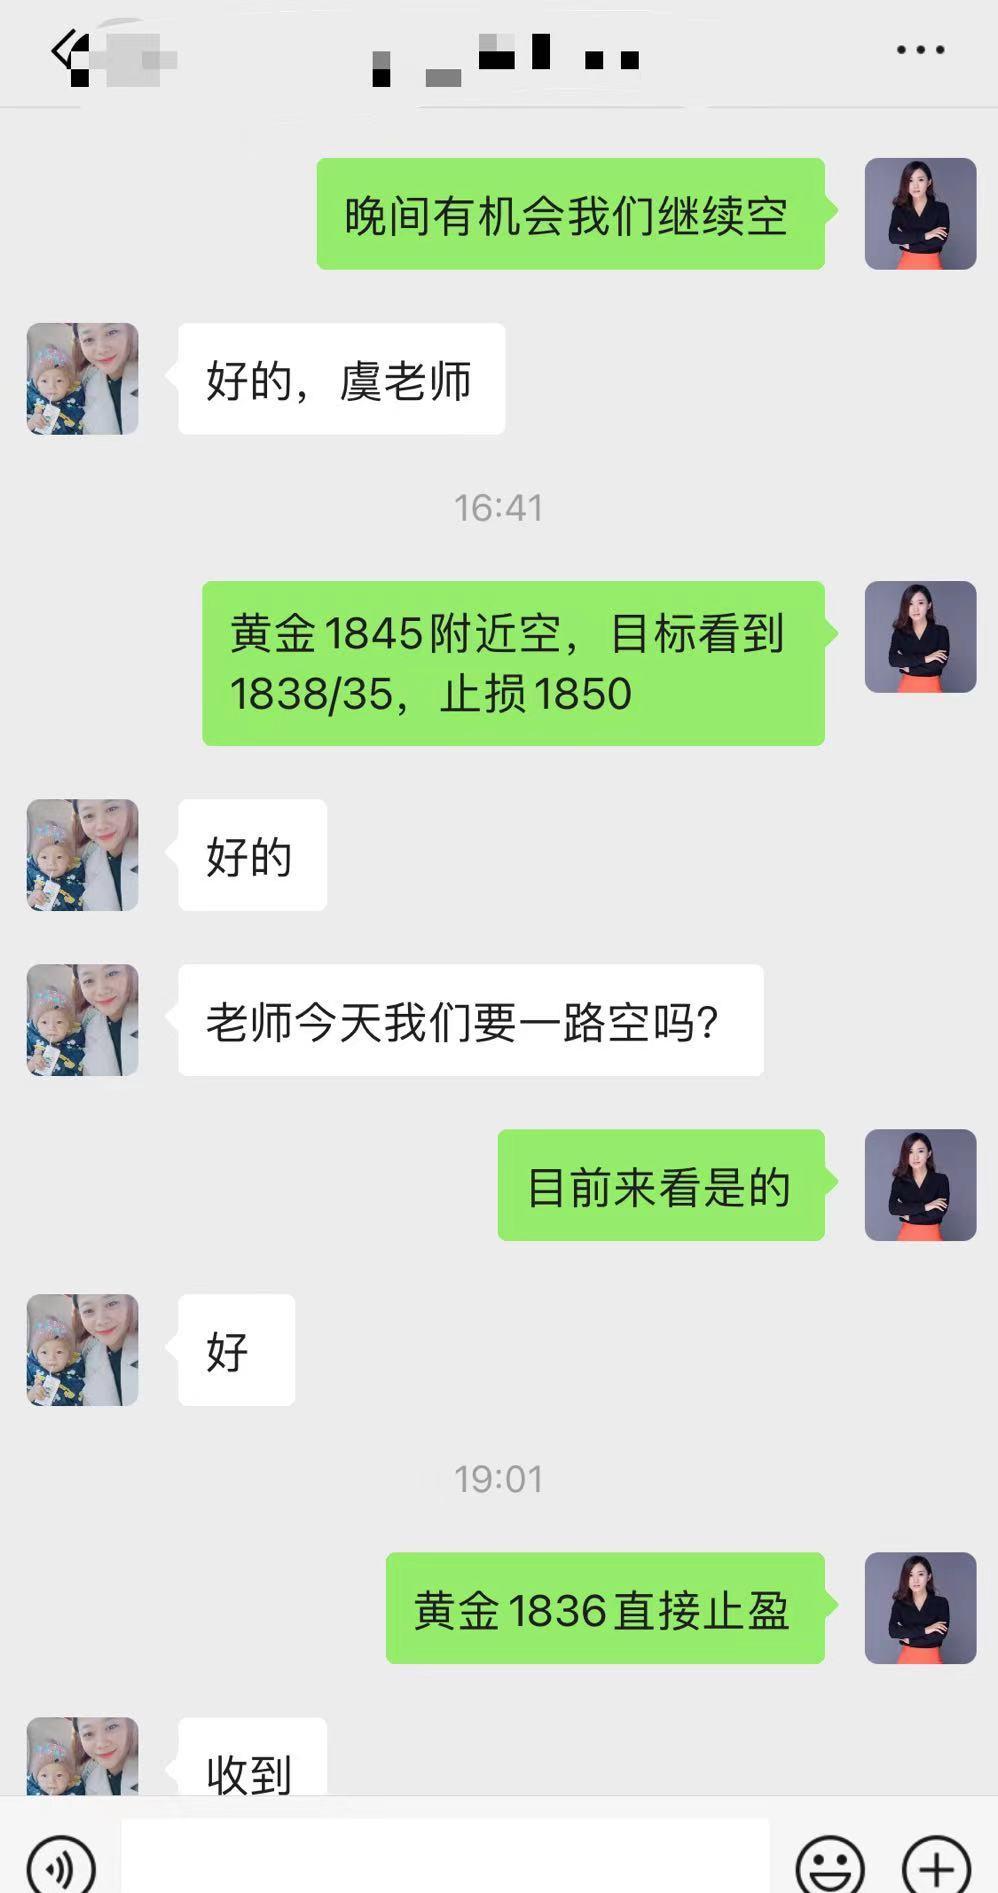 虞涵瑾:1.14黄金晚间高位空再获胜,今天连空连捷,午夜布局思路解析